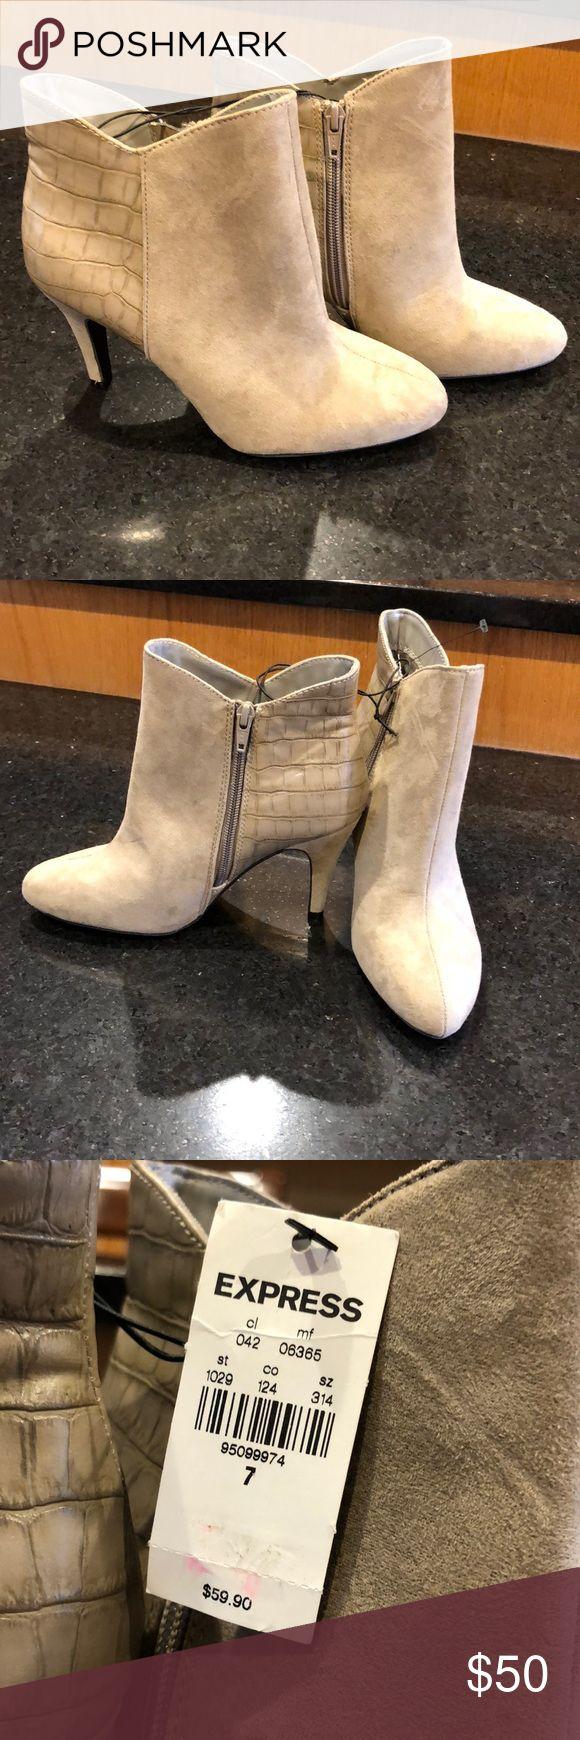 High heels Never worn express women shoes Express Shoes Heels